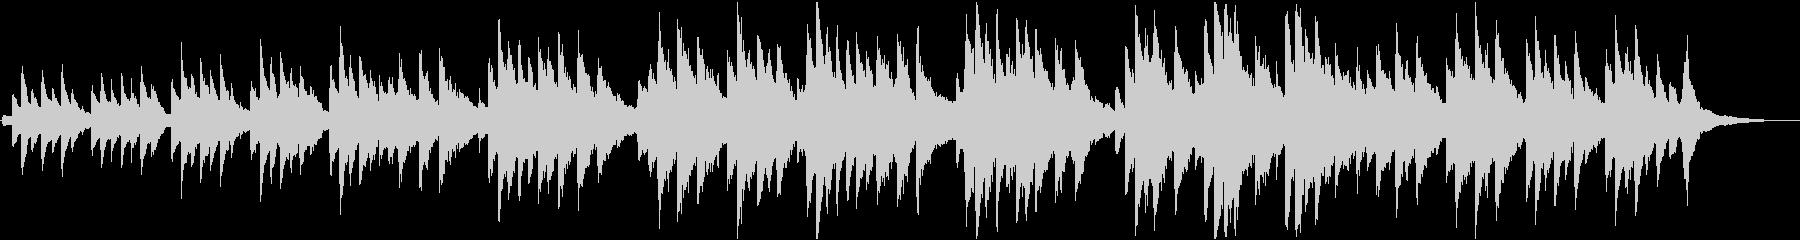 アンビエントミュージック ロマンチ...の未再生の波形